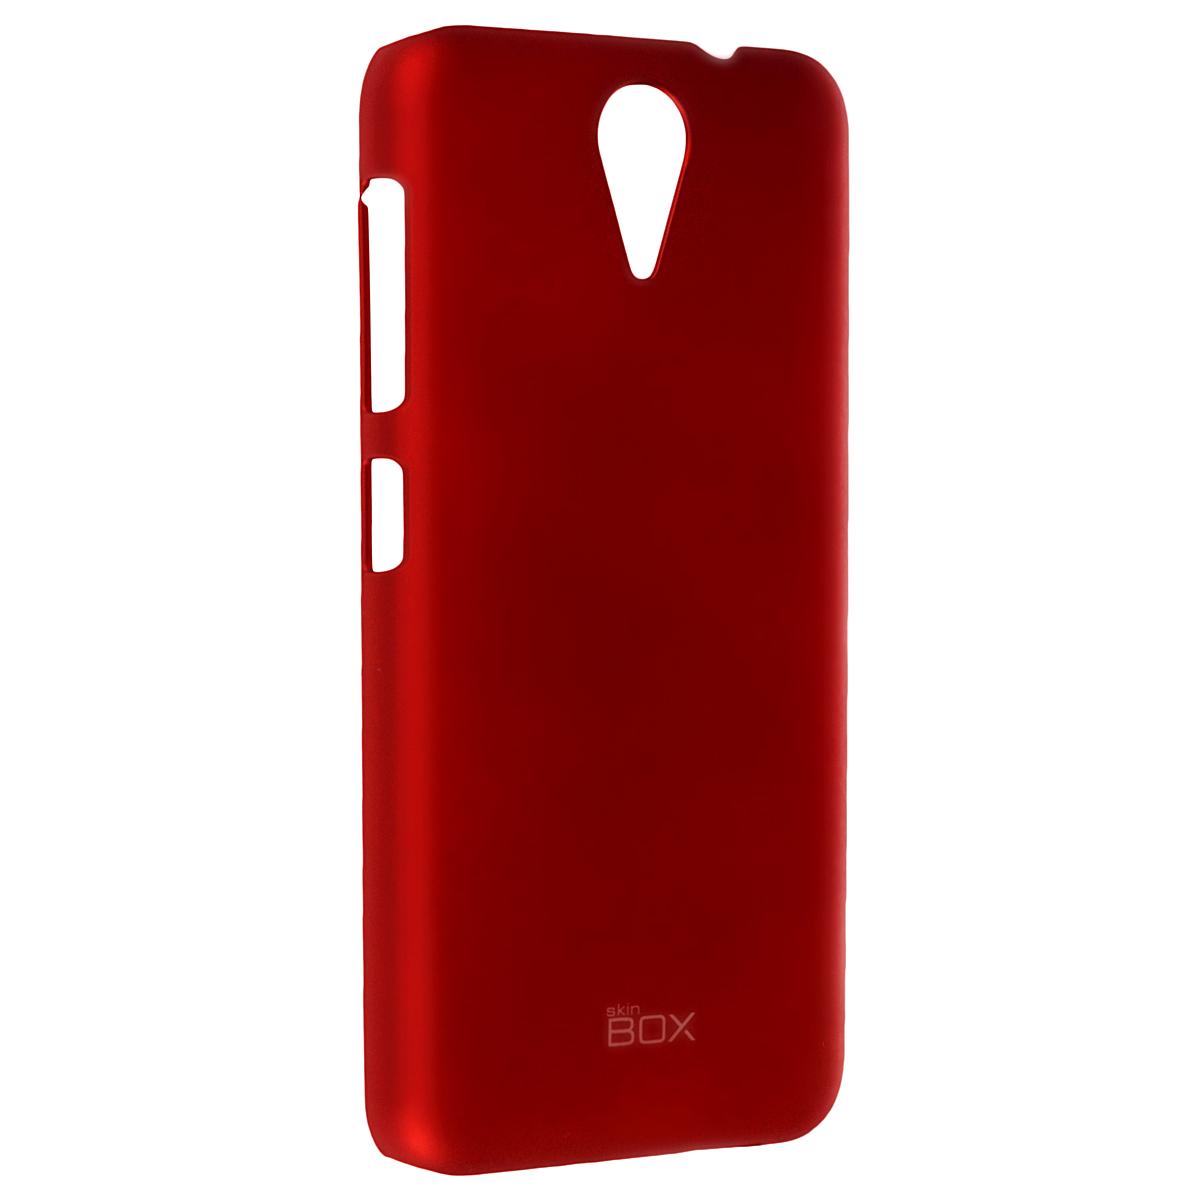 Skinbox Shield 4People чехол для HTC Desire 620, RedT-S-HD620-002Чехол Skinbox Shield 4People для HTC Desire 620 предназначен для защиты корпуса смартфона от механических повреждений и царапин в процессе эксплуатации. Имеется свободный доступ ко всем разъемам и кнопкам устройства. В комплект также входит защитная пленка на экран телефона.